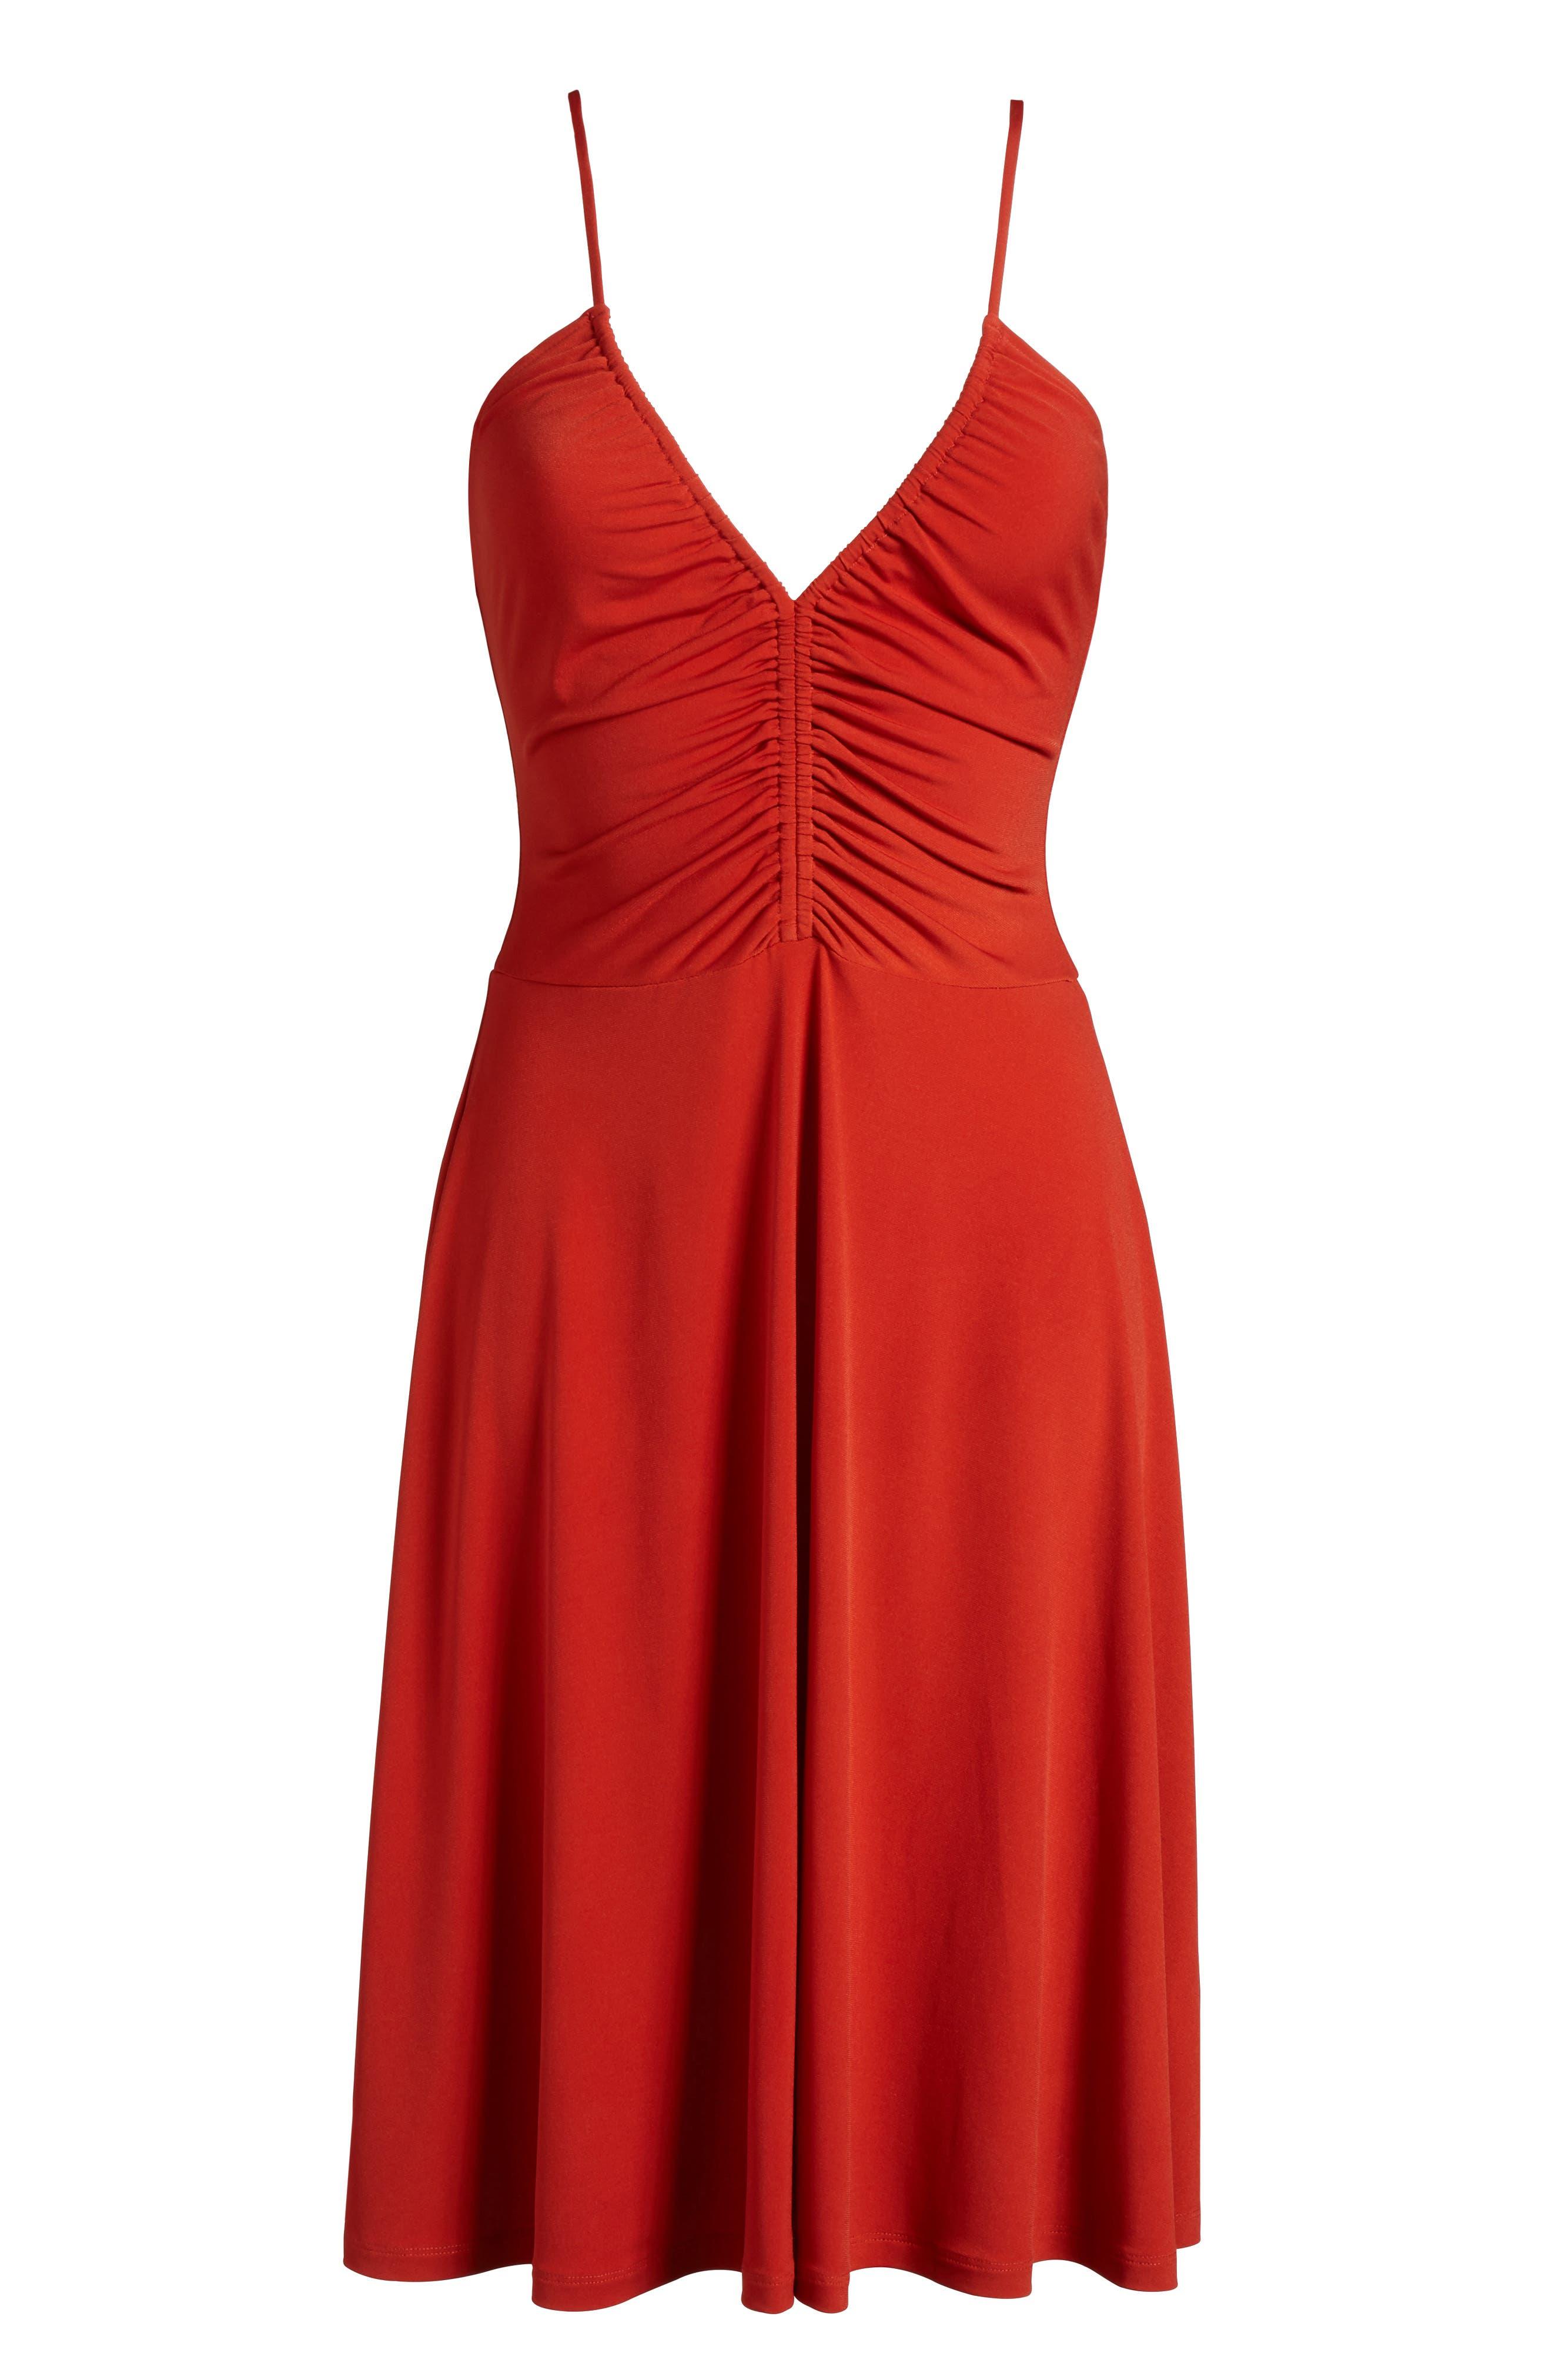 Cinch Front Dress,                             Alternate thumbnail 6, color,                             610